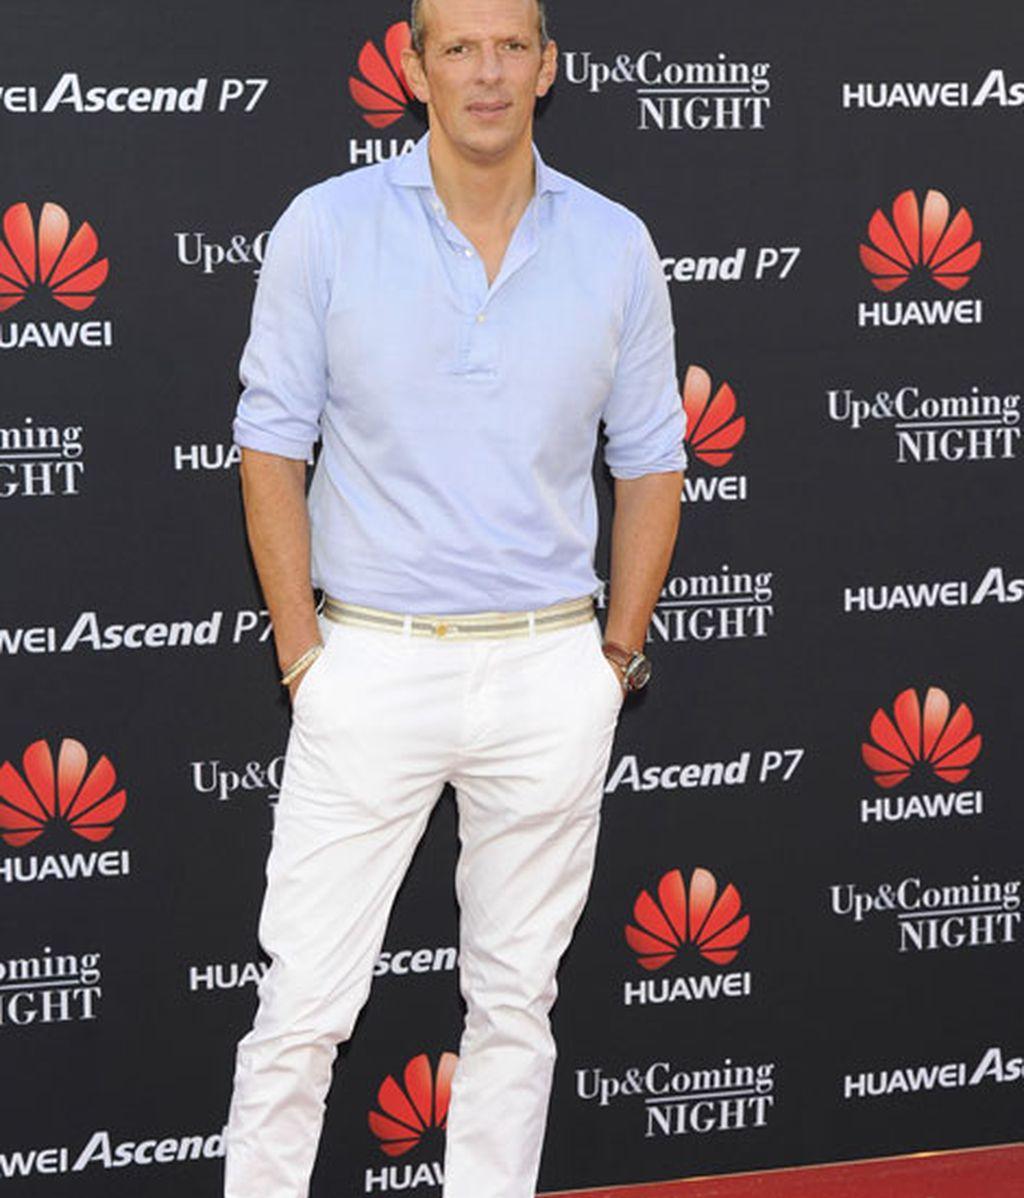 El presentador Jaquín Prat en la fiesta de Huawei